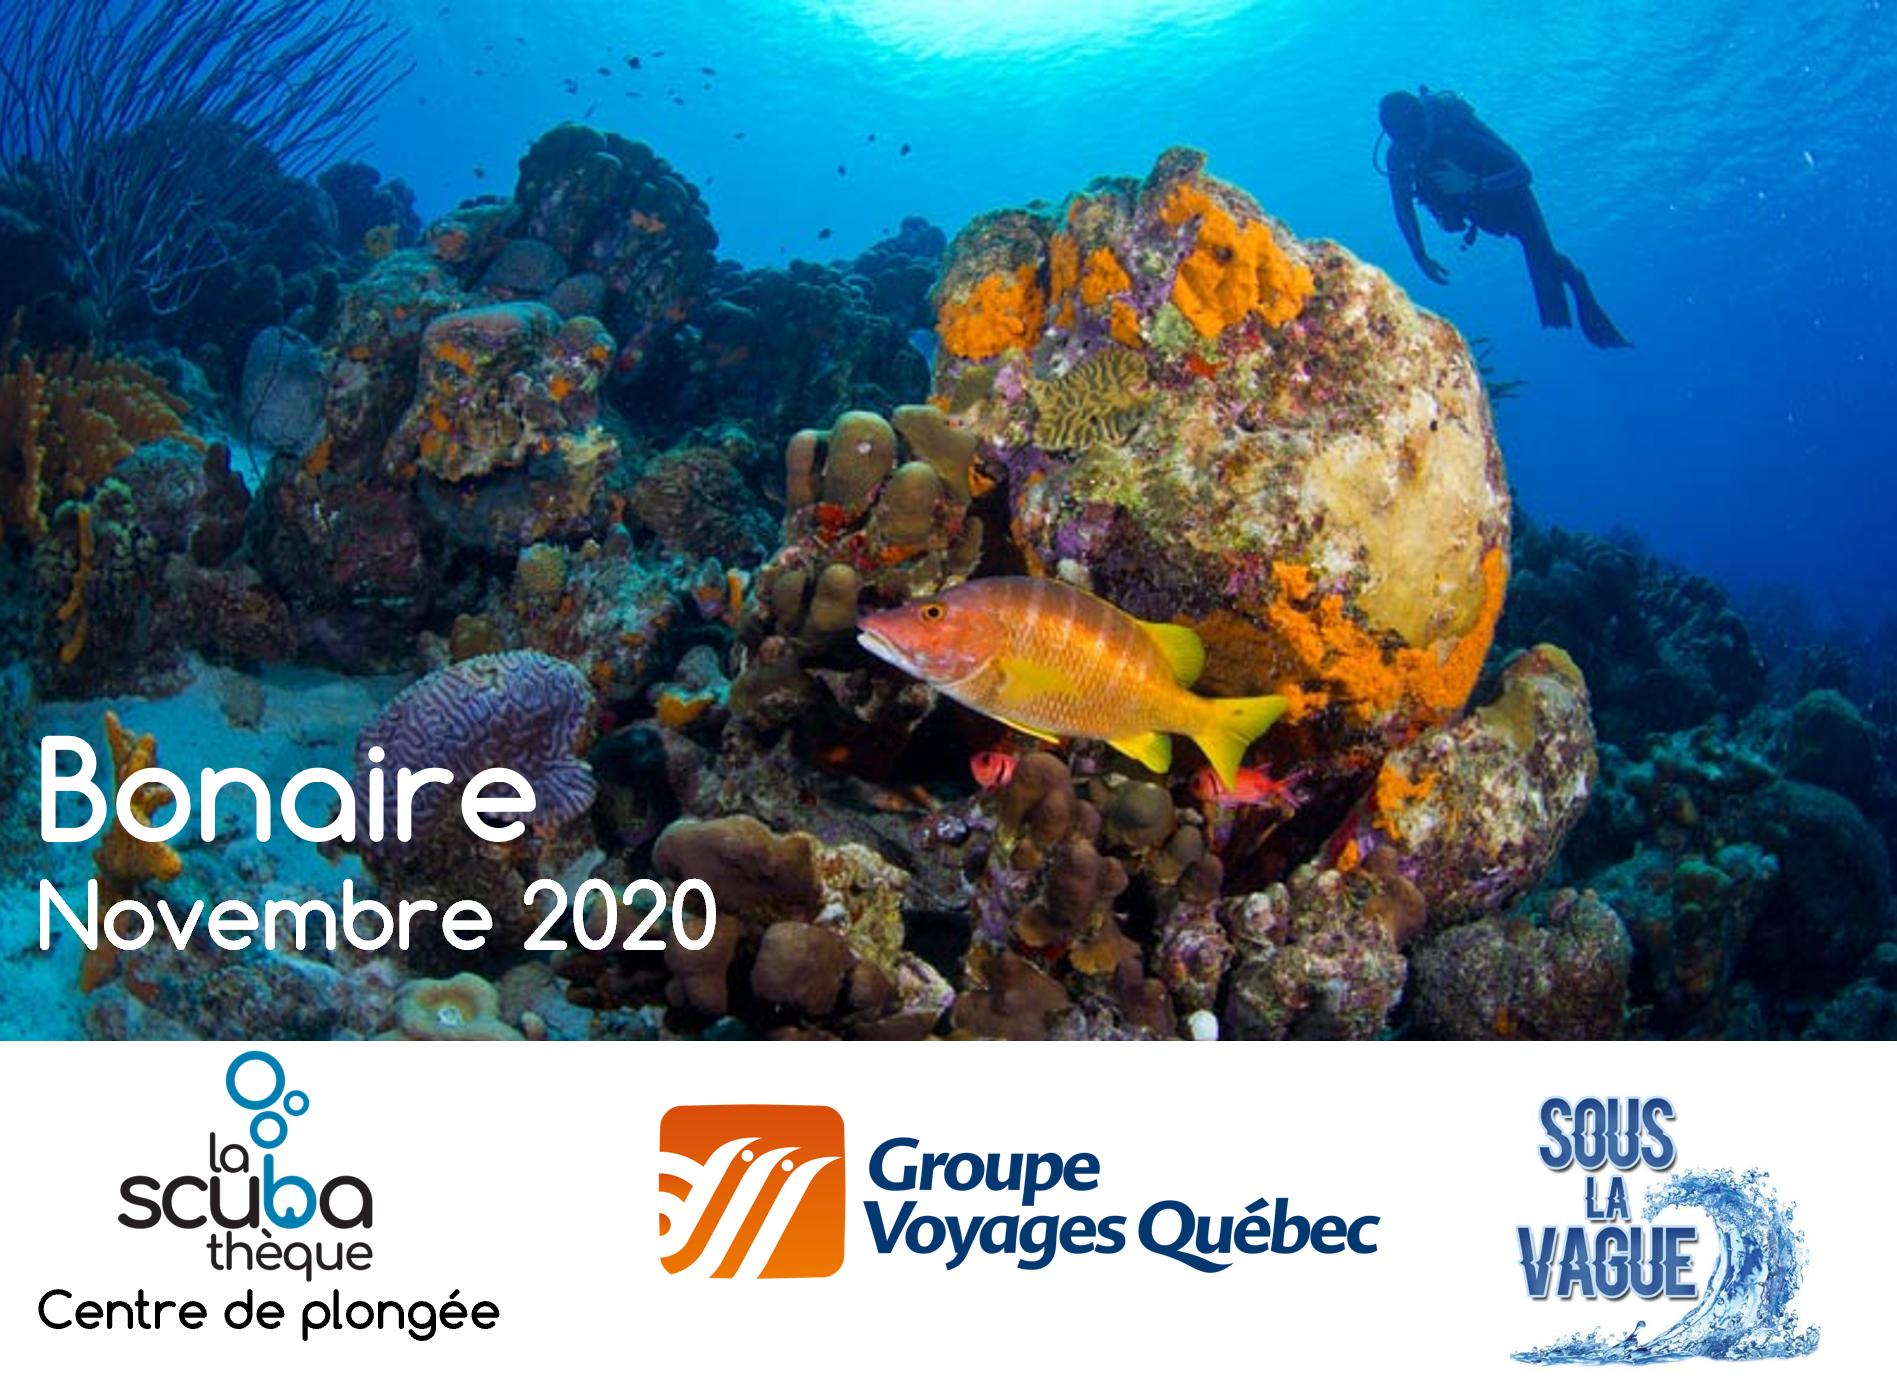 Voyage à Bonaire - Novembre 2020 - Demande de réservation